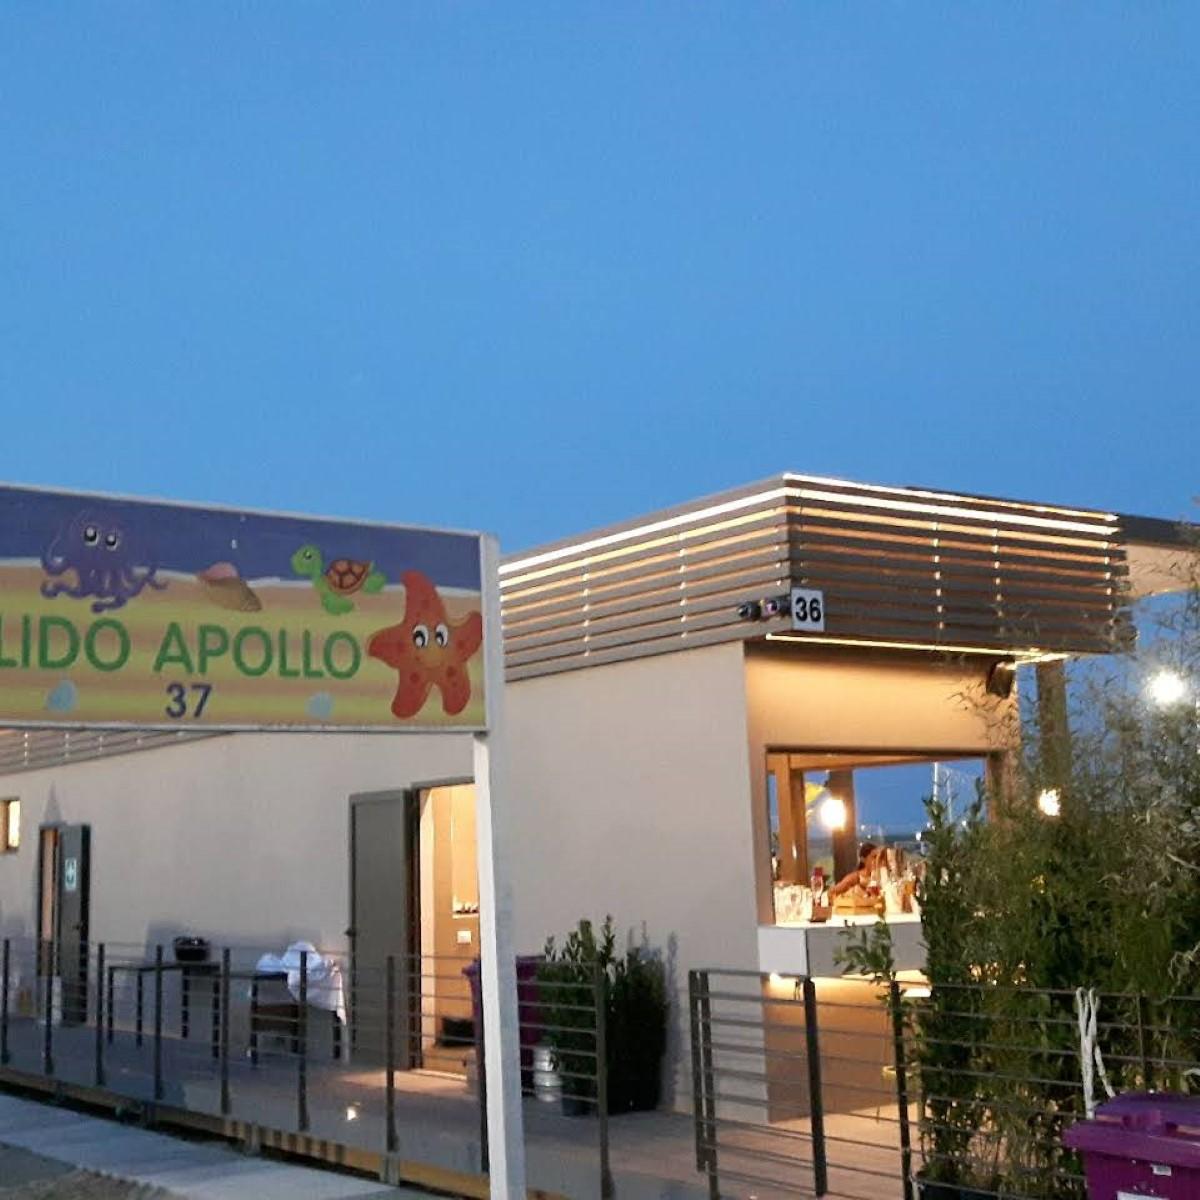 Lido Apollo